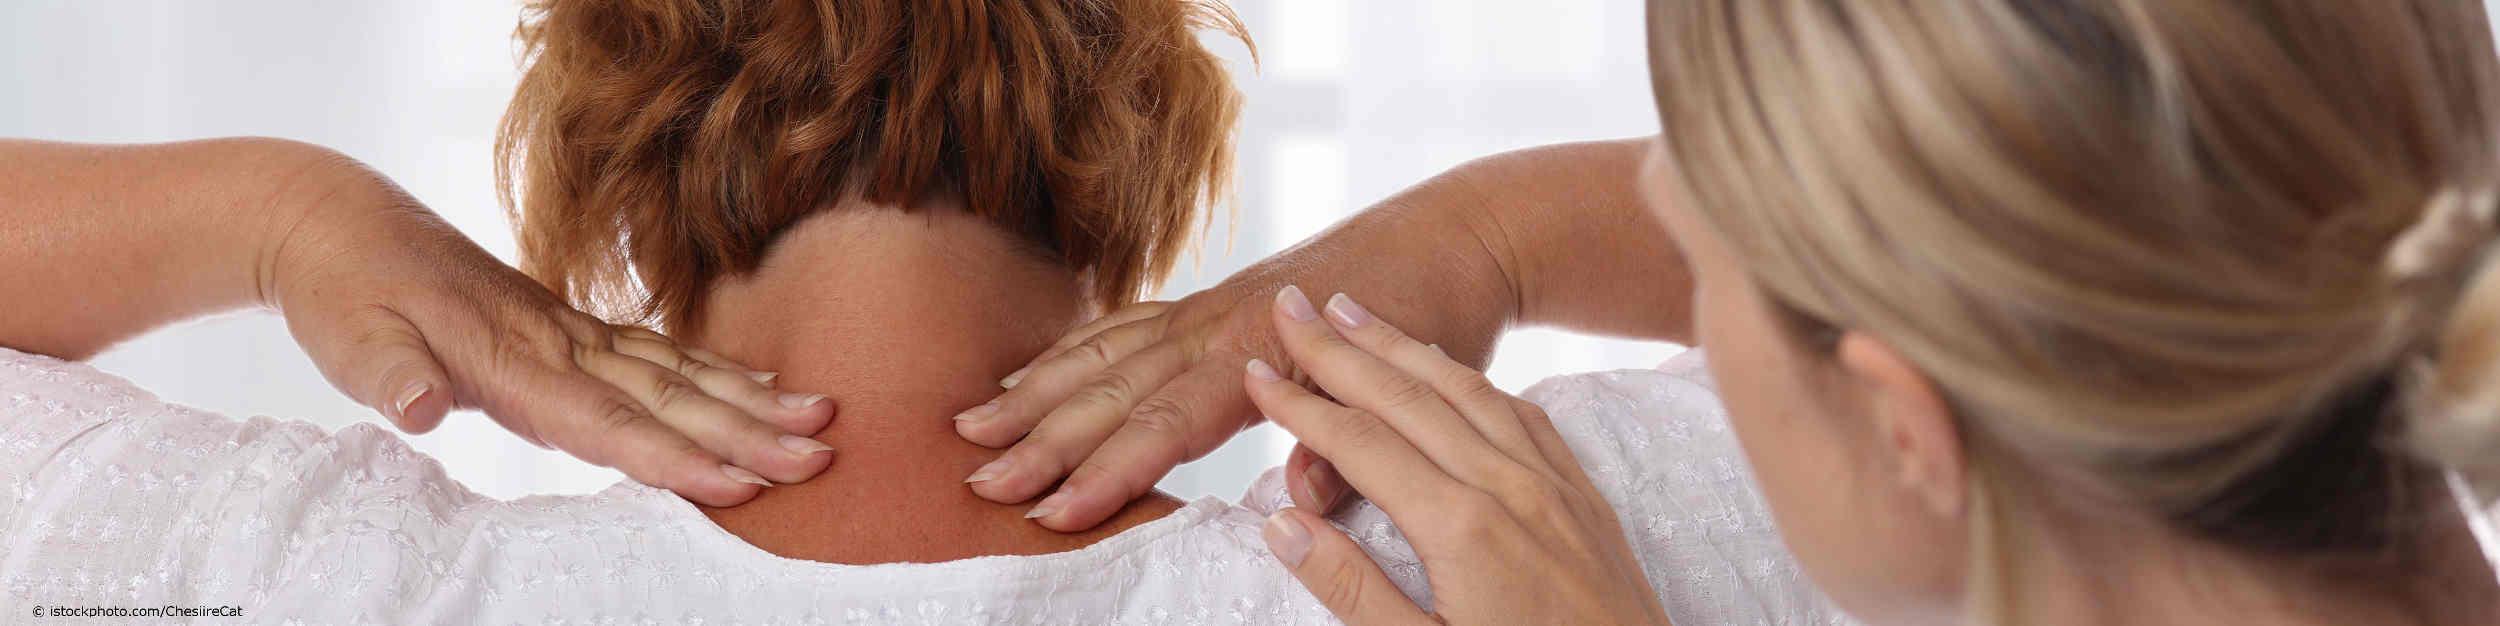 Fachärztin für Arbeitsmedizin untersucht Angestellte mit Nackenschmerzen.